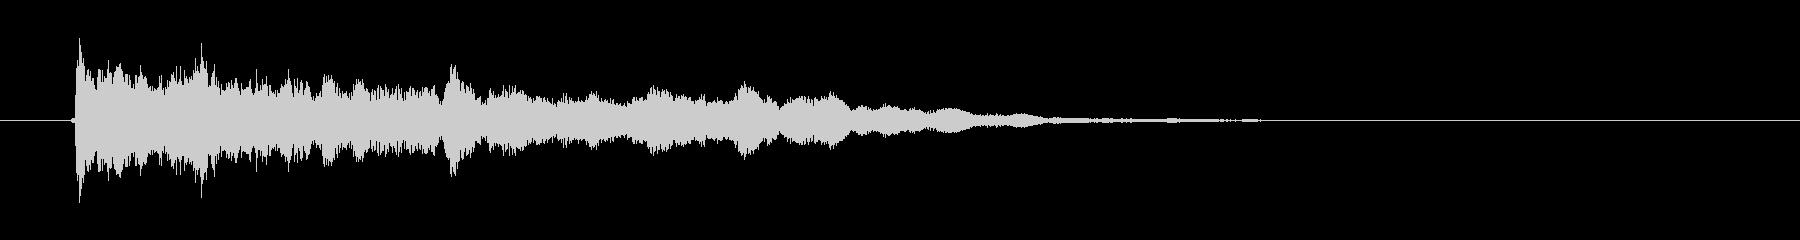 「きゅう?うん?」オリエンタルな弦楽器の未再生の波形